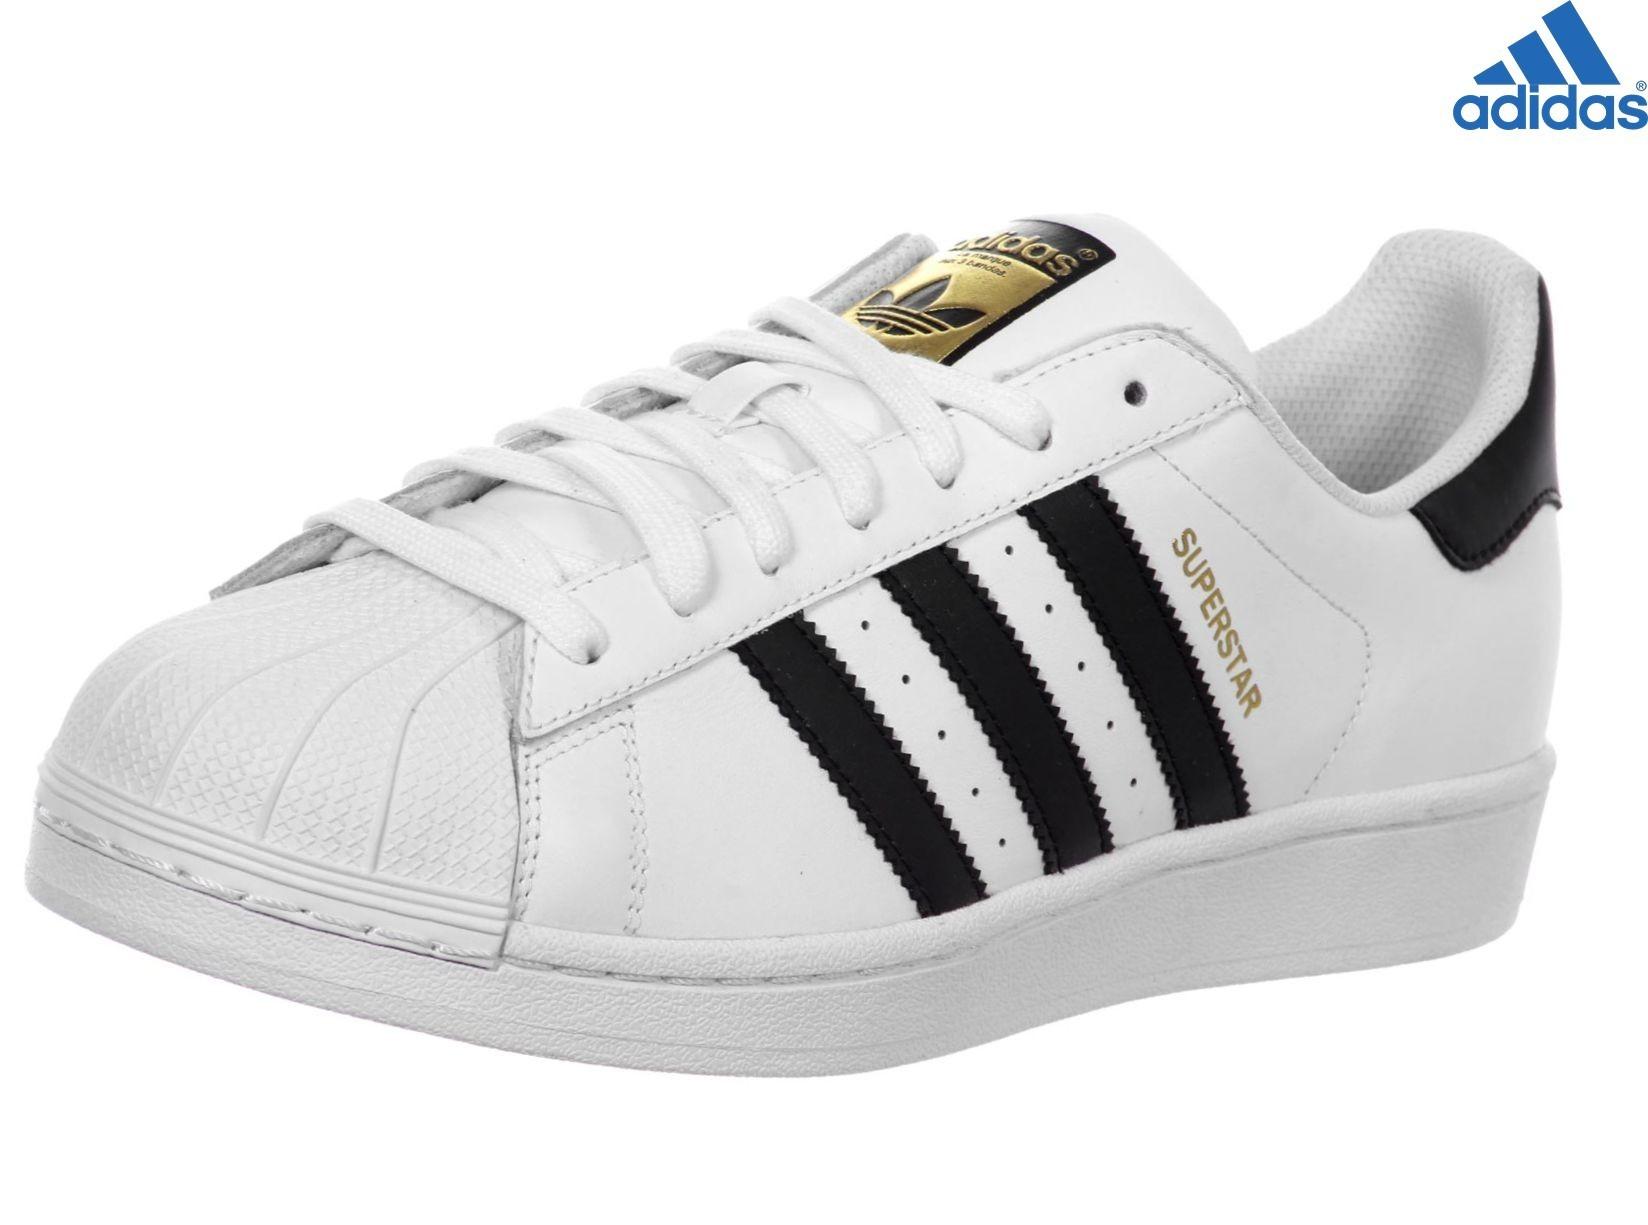 Adidas Originals Superstar Beige Or Femmes Courir Chaussures